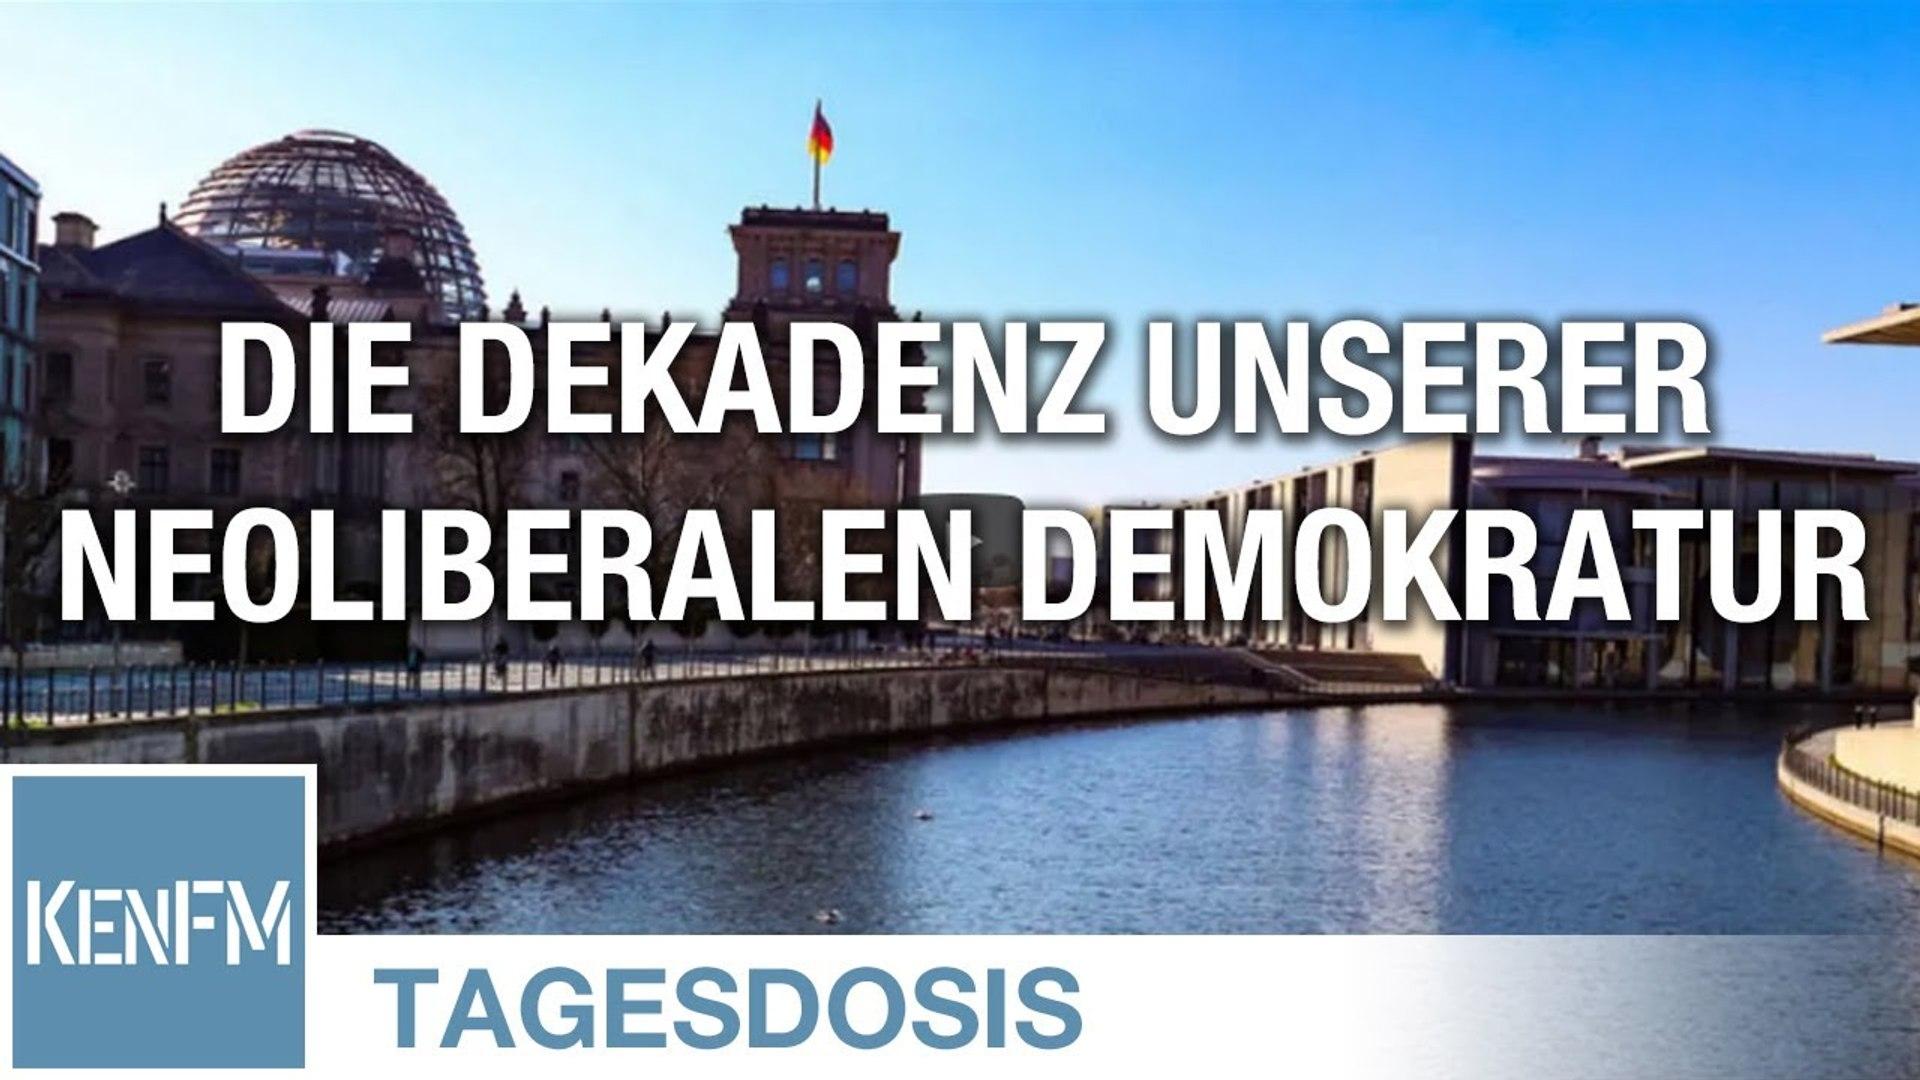 Die Dekadenz unserer neoliberalen Demokratur - Tagesdosis 19.6.2020